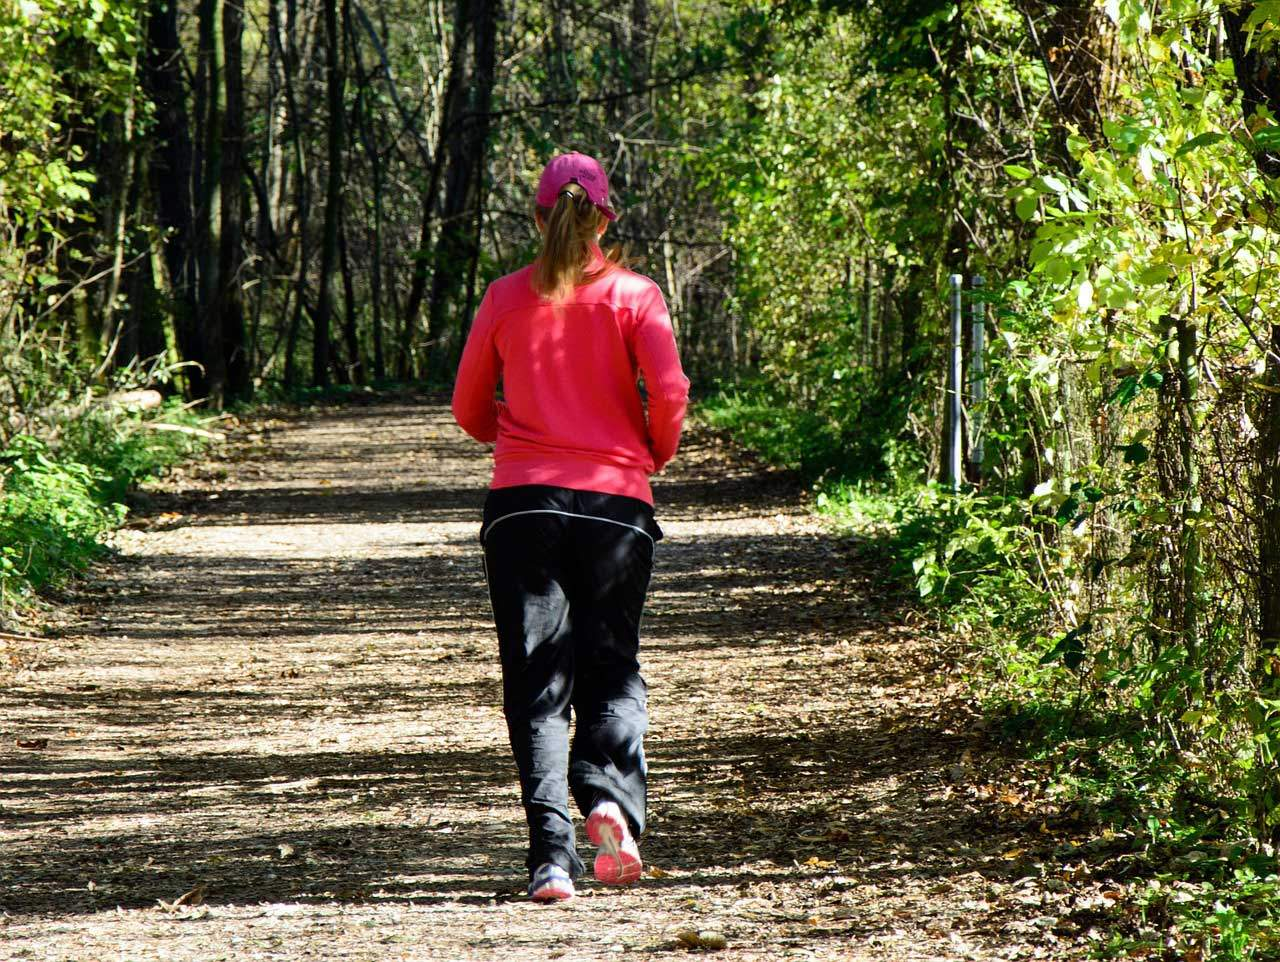 Volkssport Joggen - häufig der sportliche Beginn beim abnehmen.